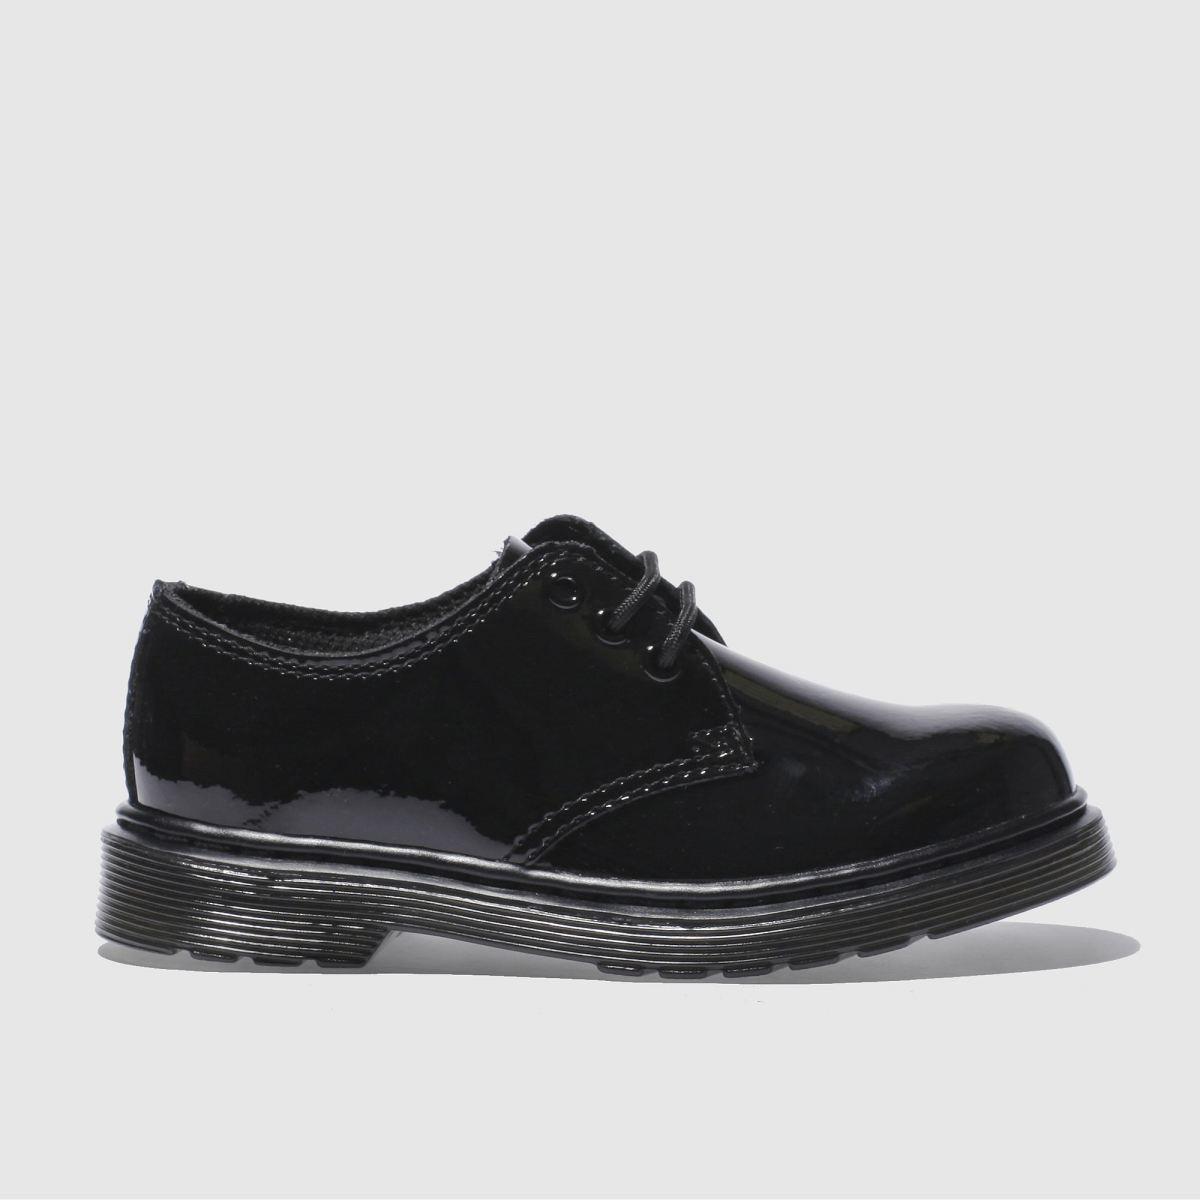 Dr Martens Black 1461 Girls Junior Shoes